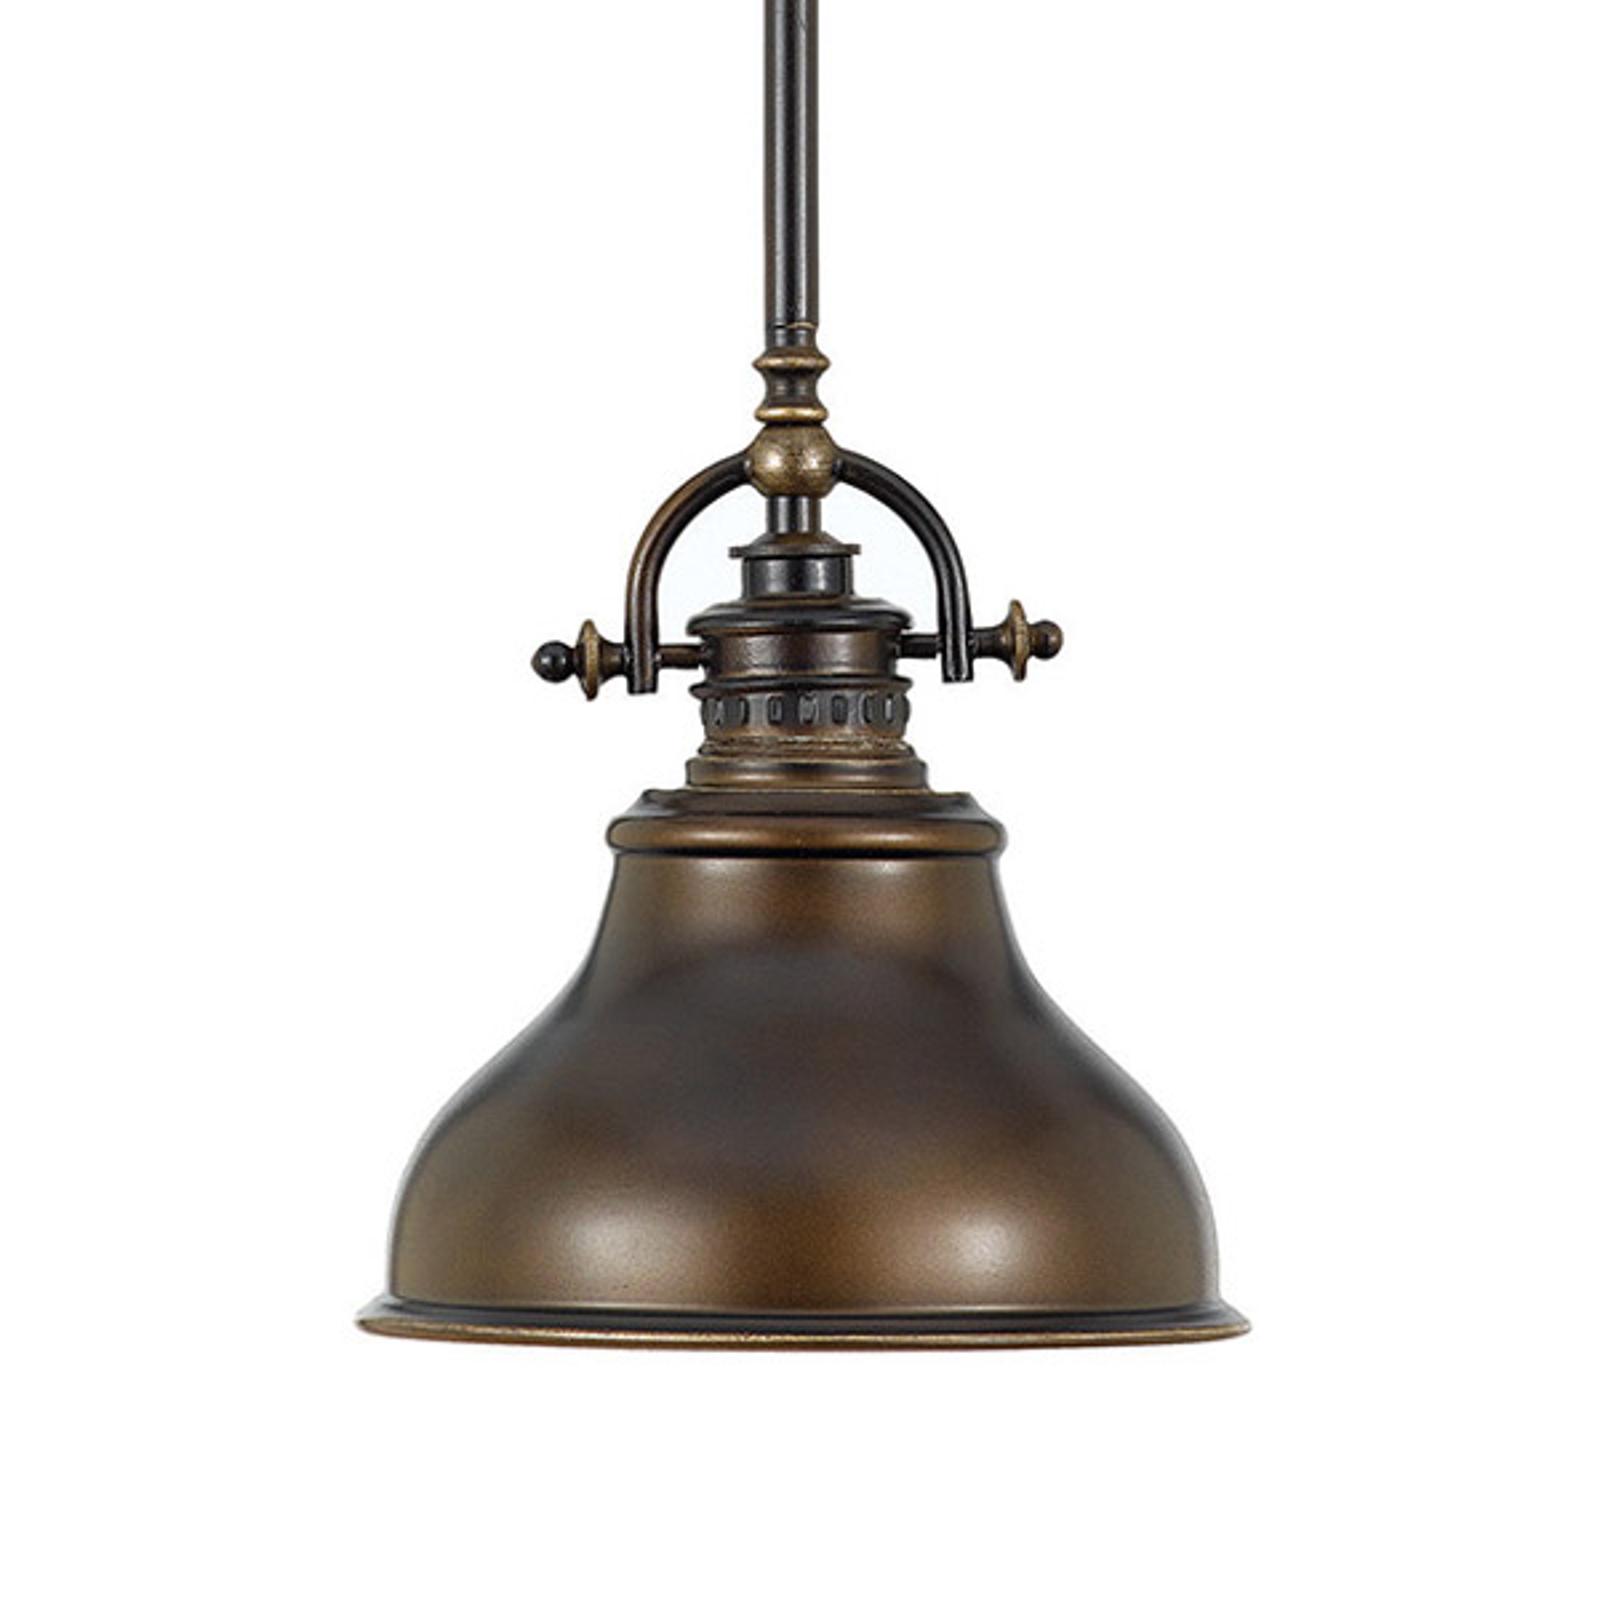 Emery hængelampe i industristil, bronze, Ø 20,3 cm